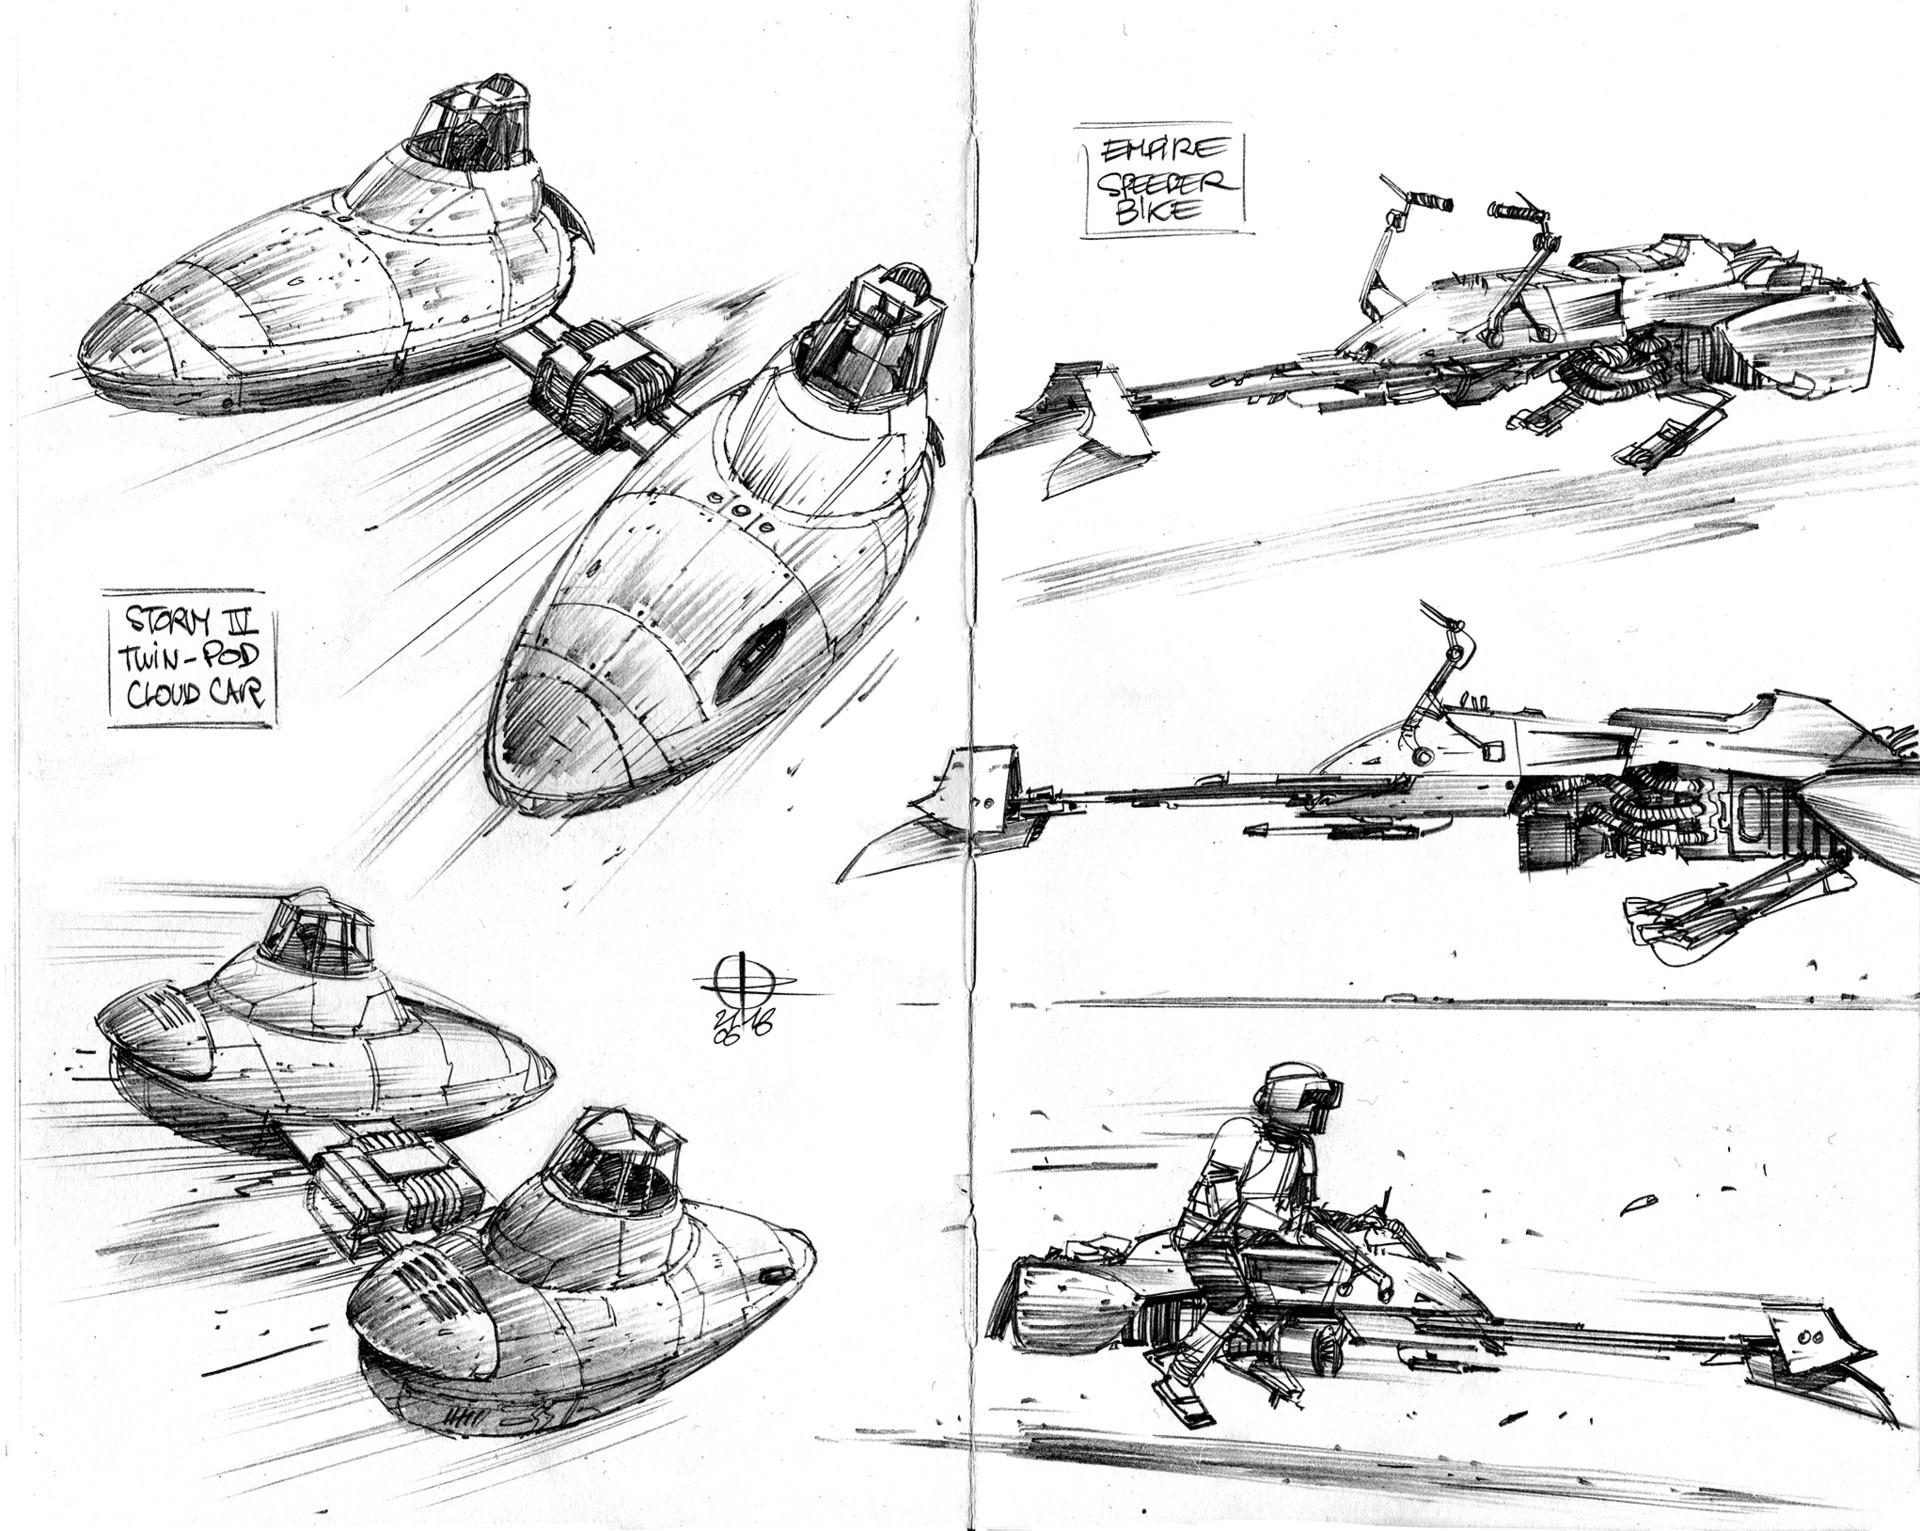 Renaud roche ride sketches03b